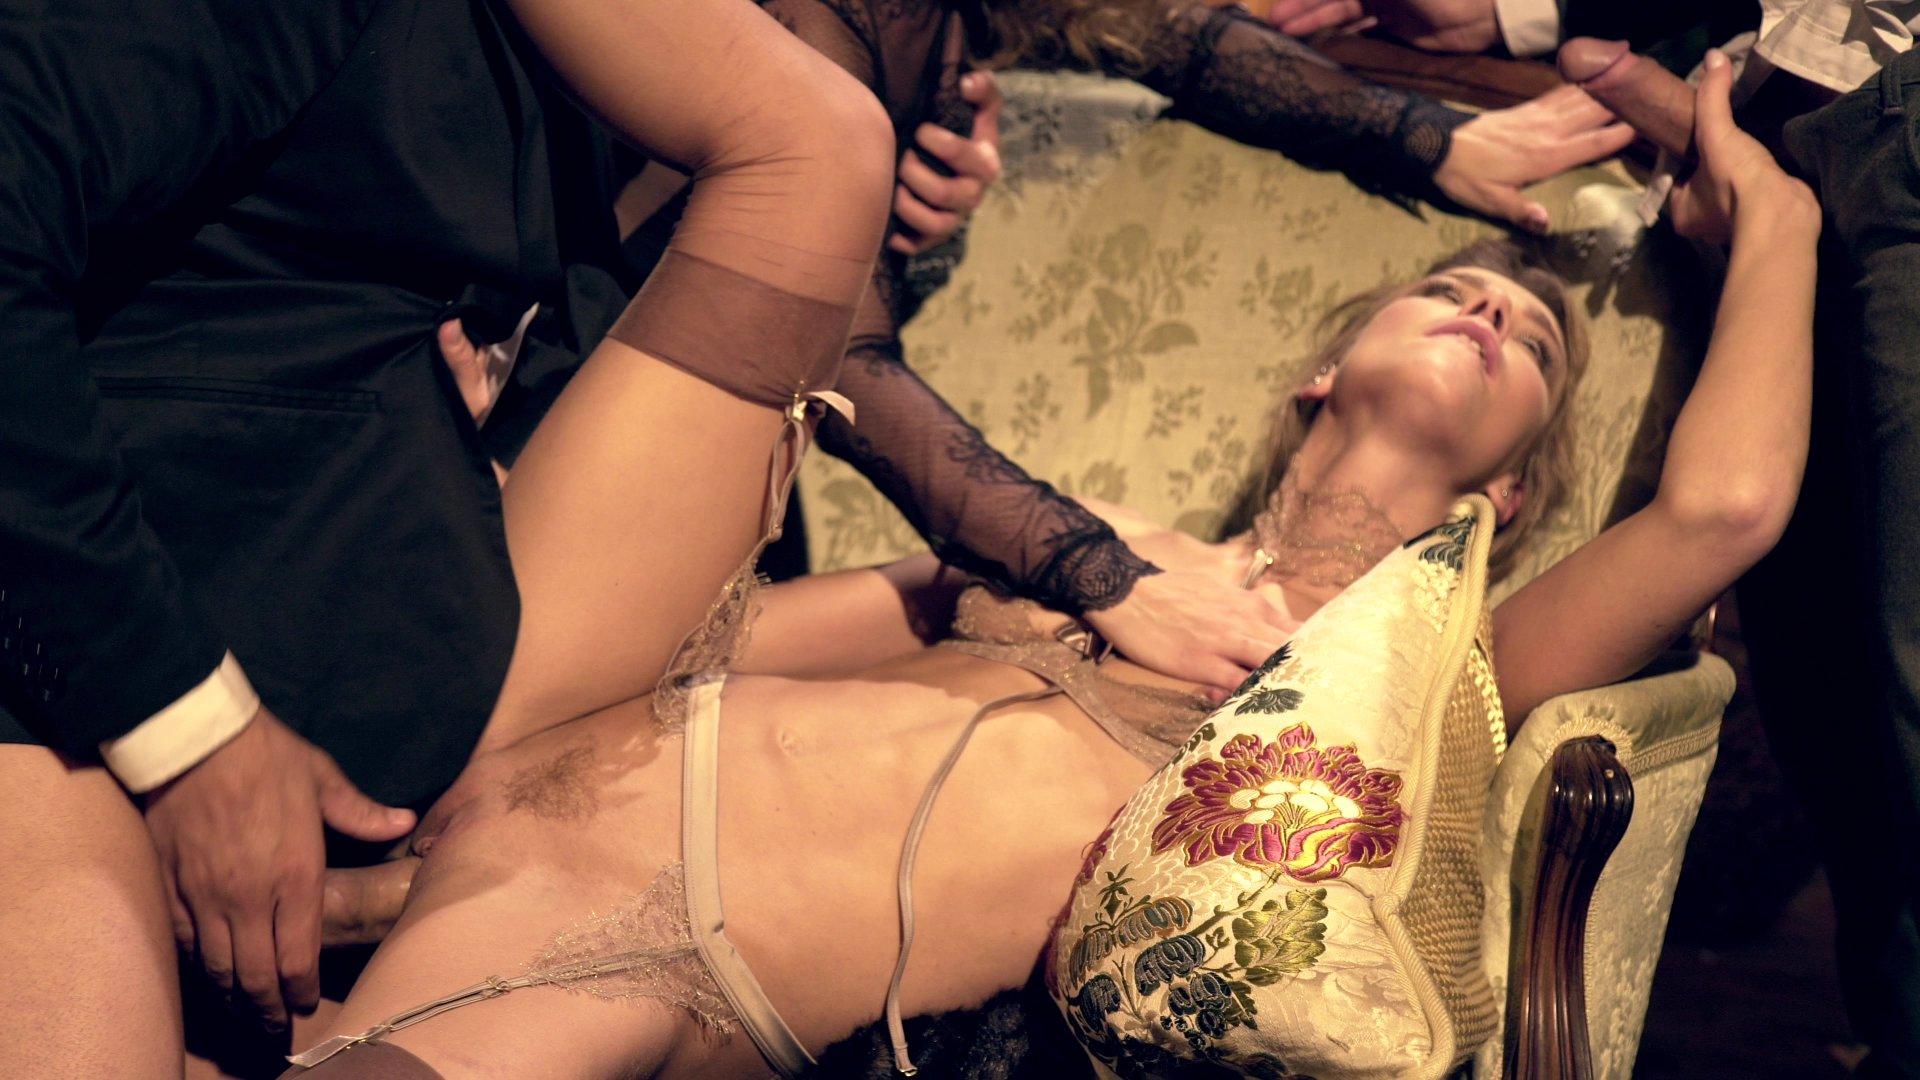 sofi-pornoshik